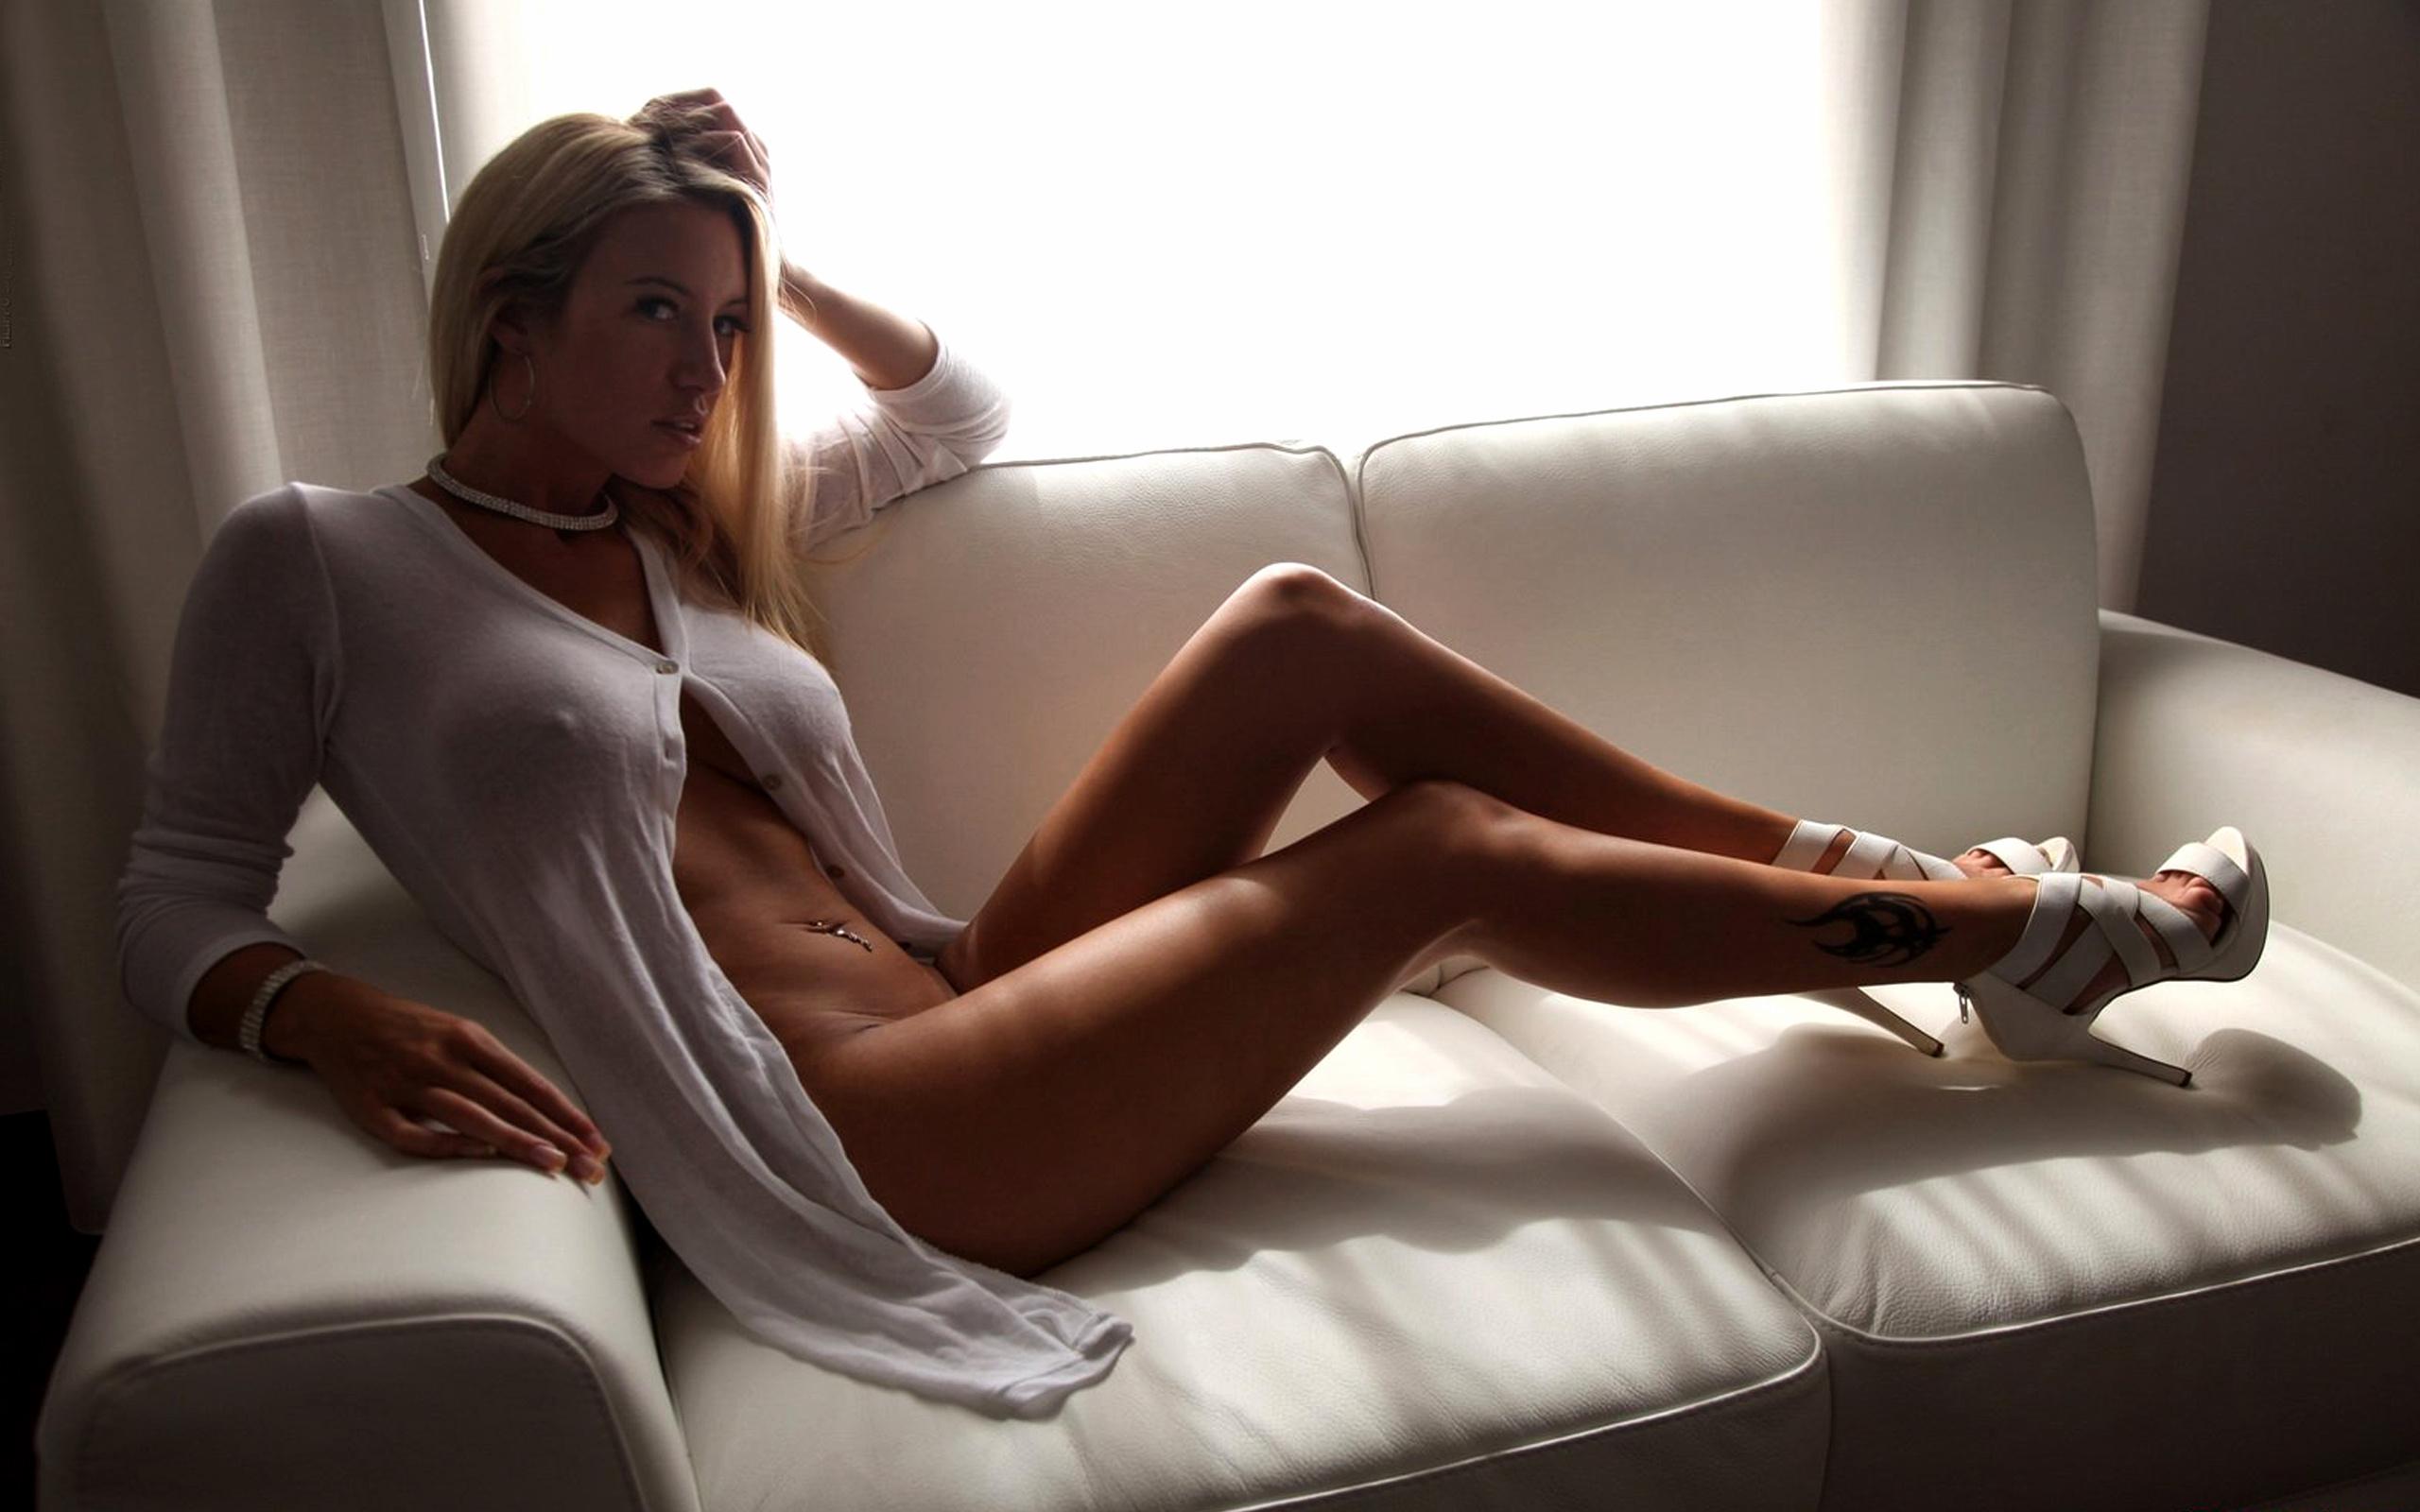 секретарша в белой прозрачной блузке на голое тело